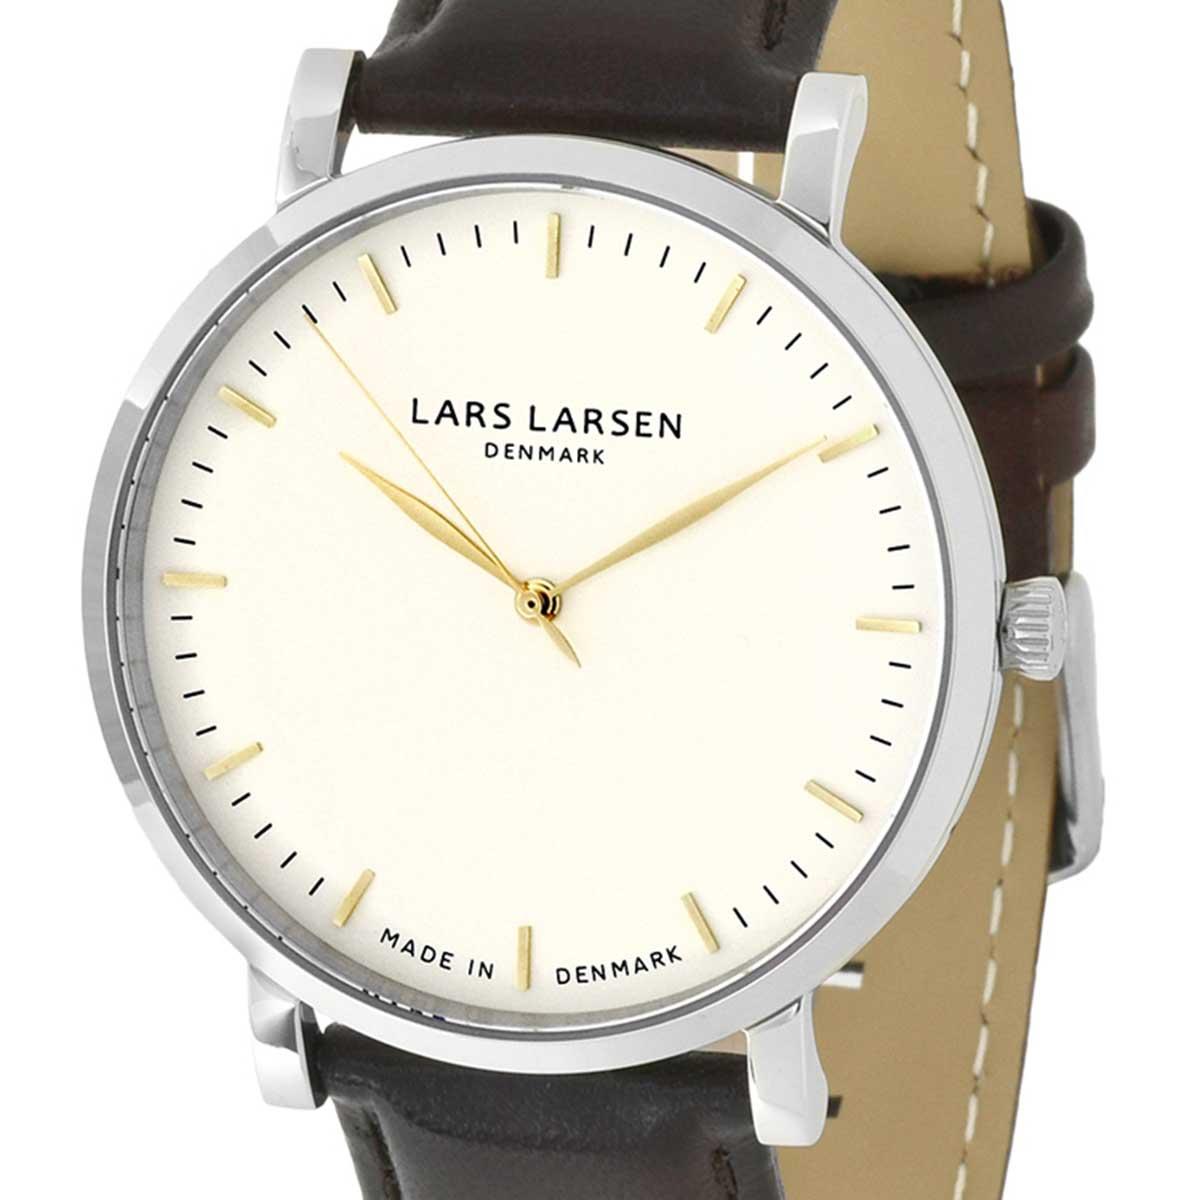 LARS LARSEN ラースラーセン (LLARSEN エルラーセン) 電池式クォーツ 腕時計 [143SWG-BLLSS20] 並行輸入品